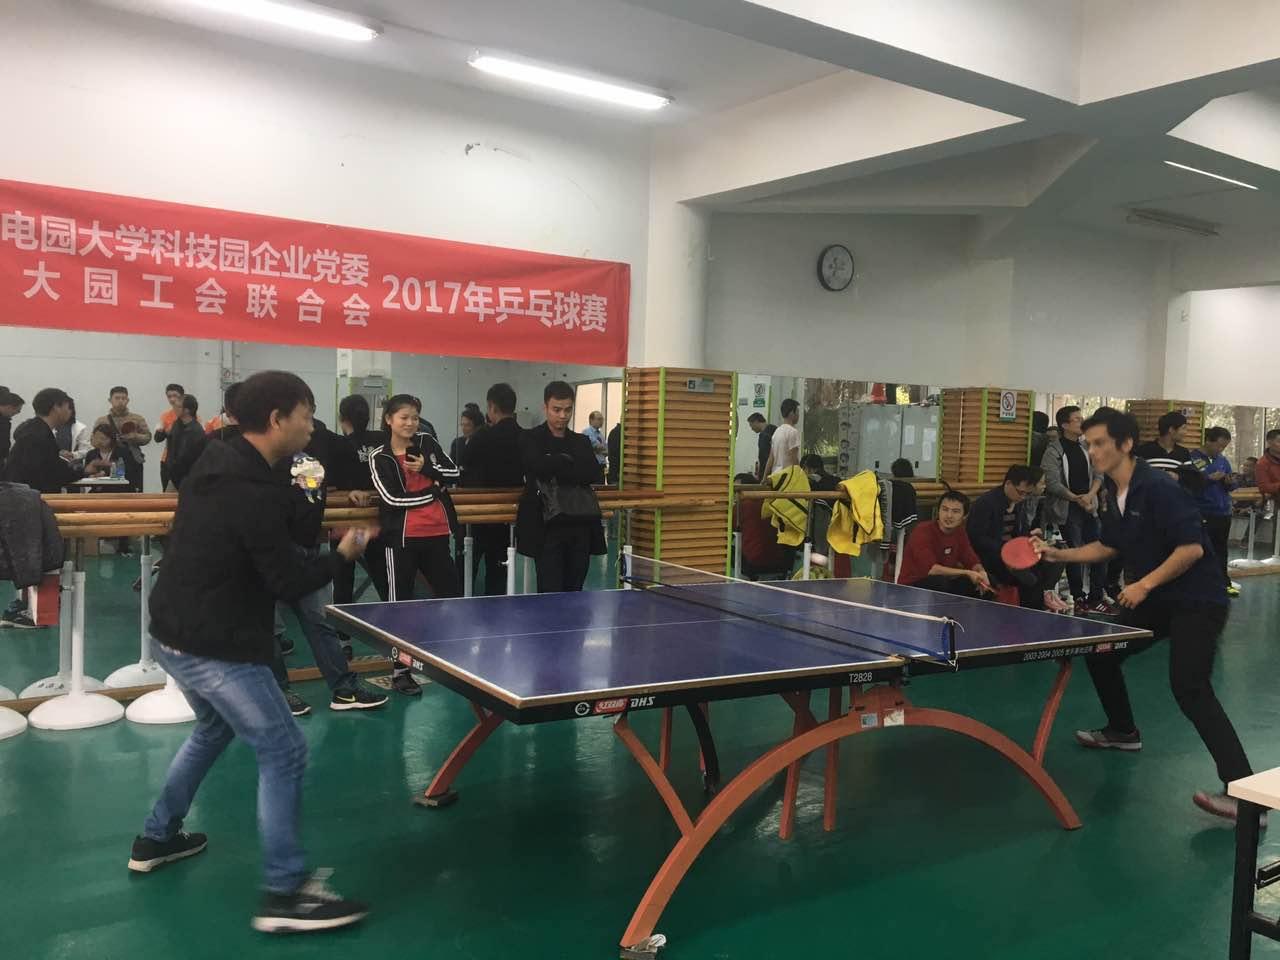 活力上班族 2017年光电园大学科技园乒乓球赛